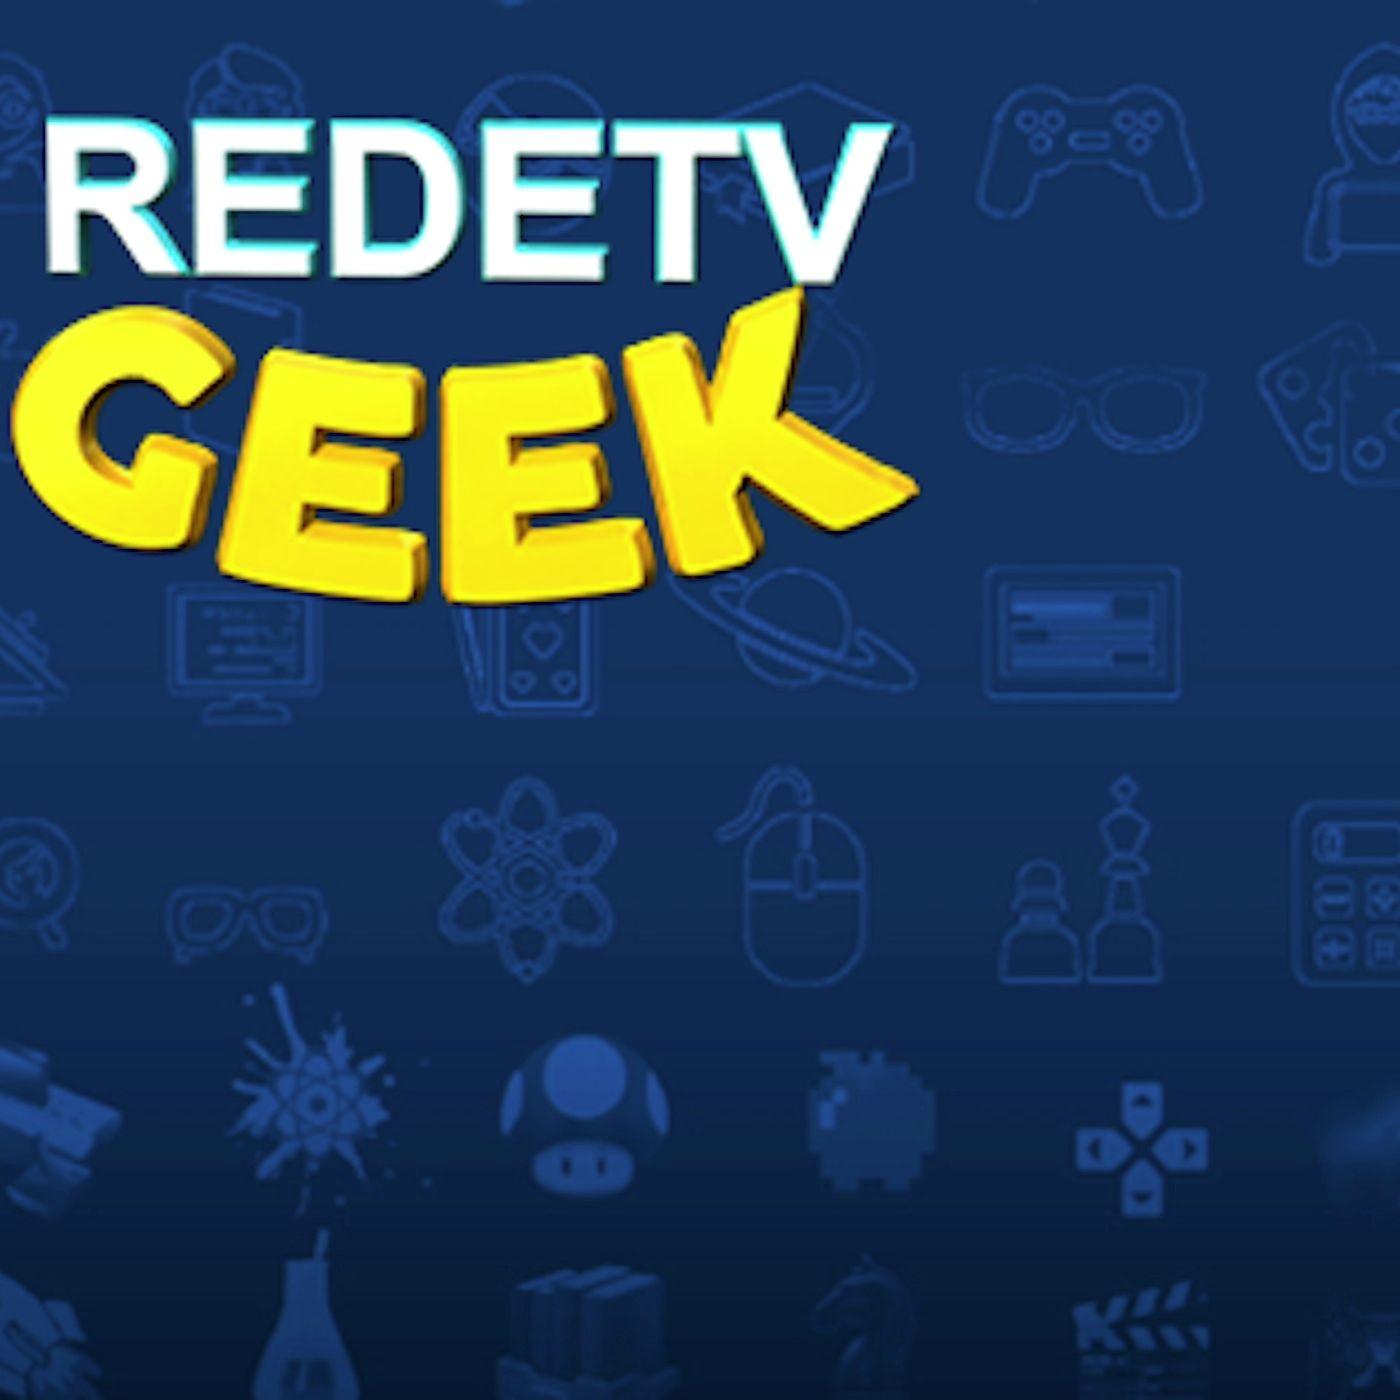 RedeTV! Geeks